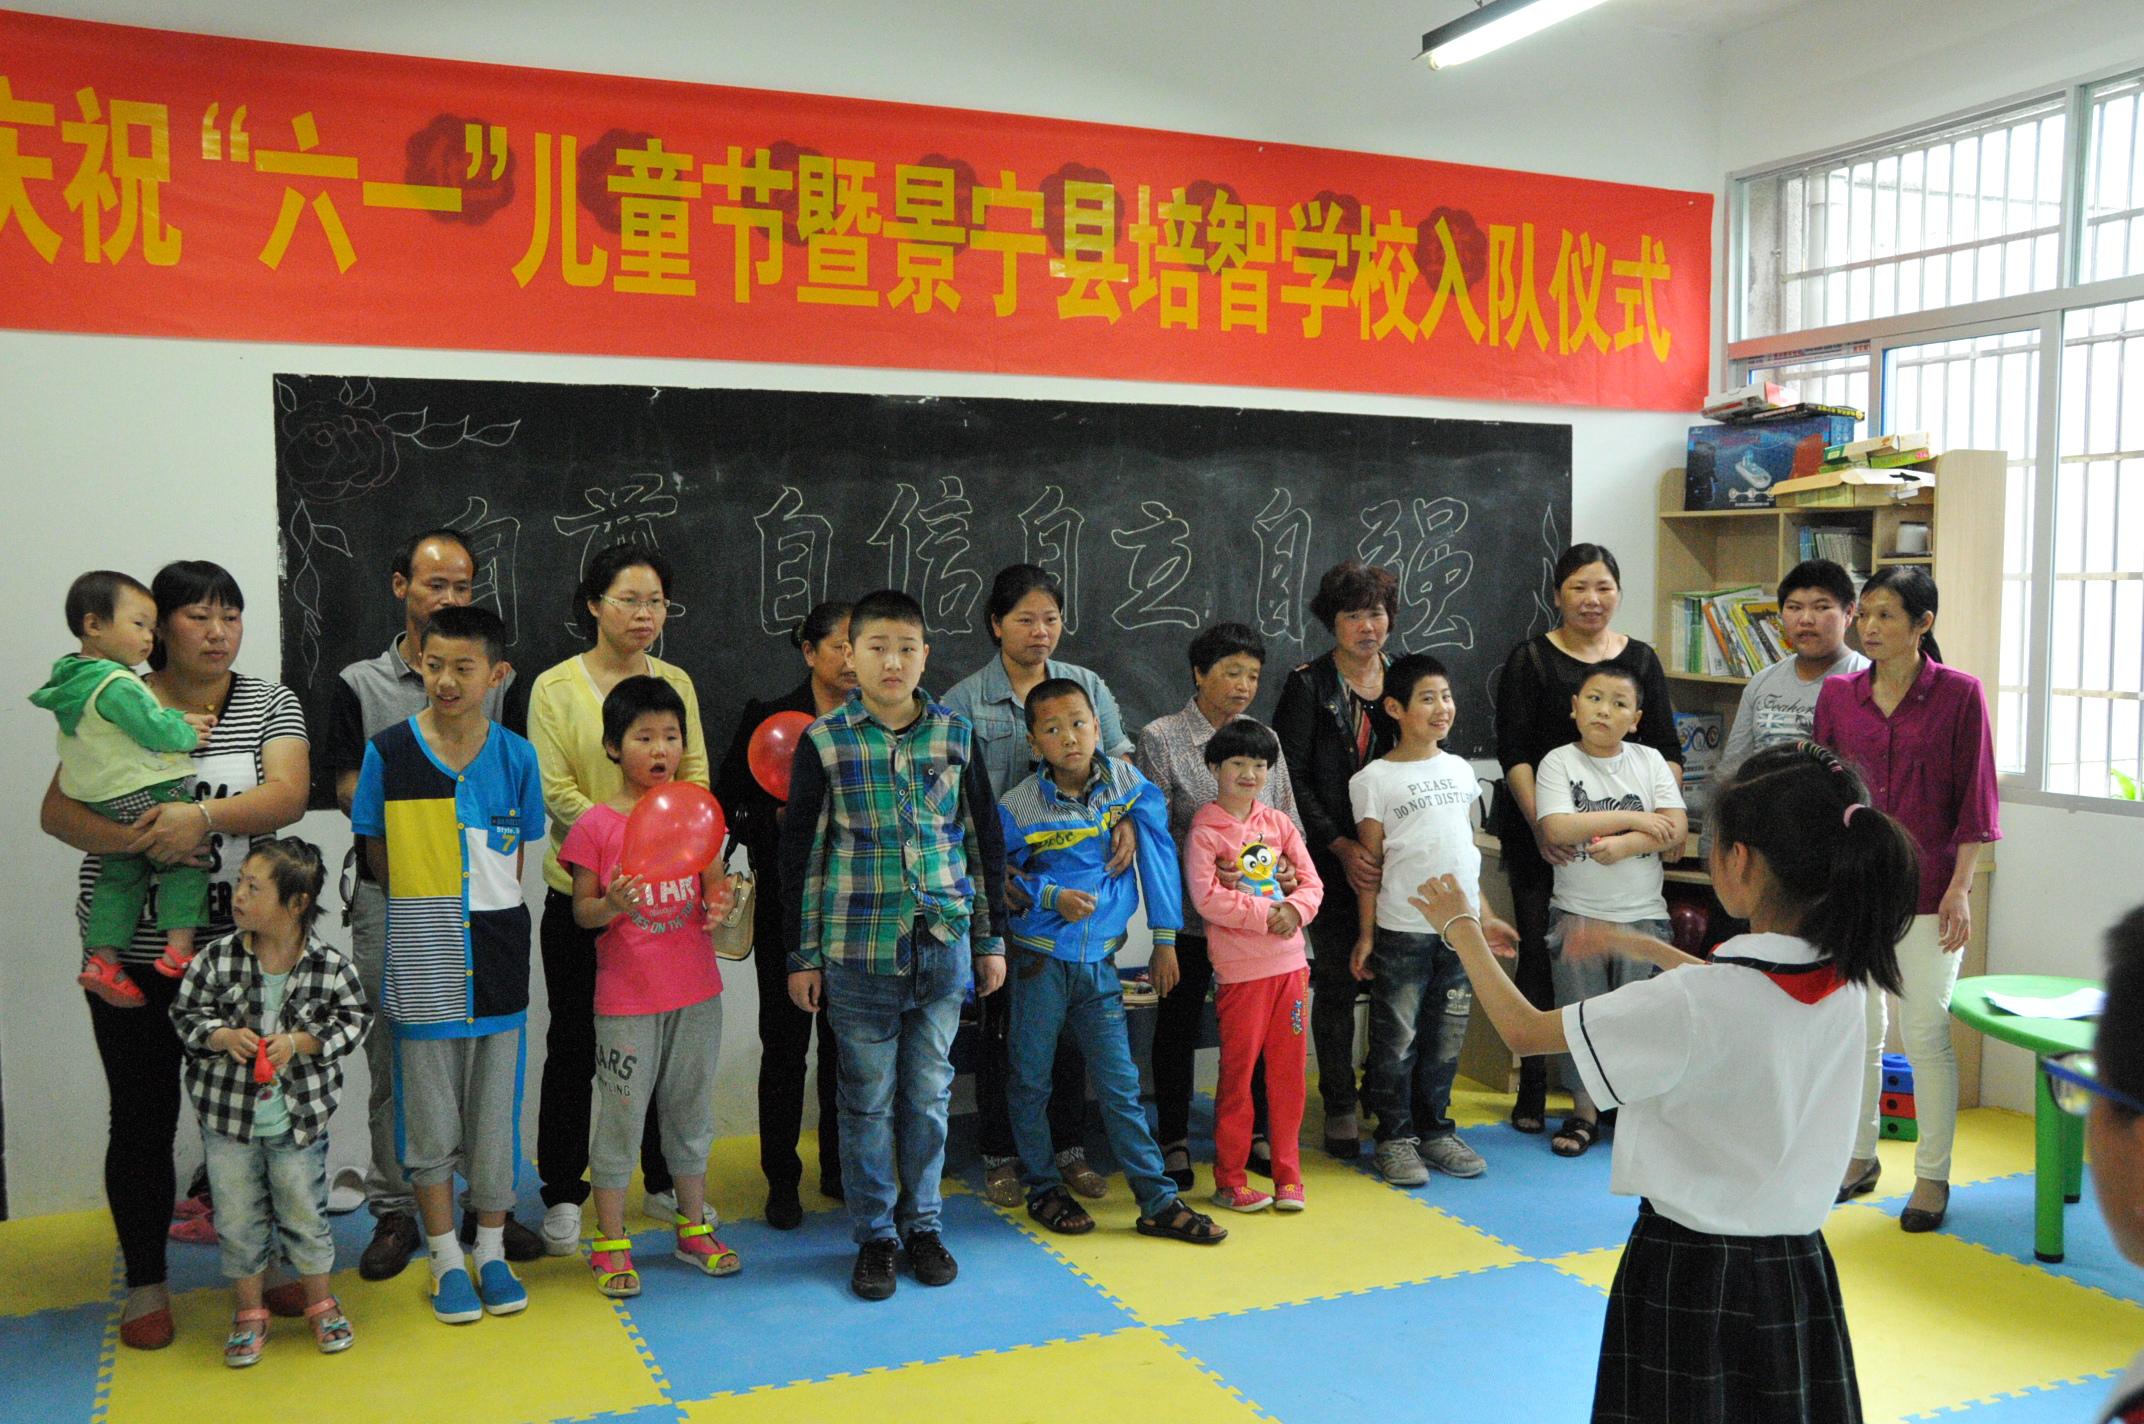 景宁实验二小_景宁县实验二小的少先队员和县培智教育学校的孩子欢度六一儿童